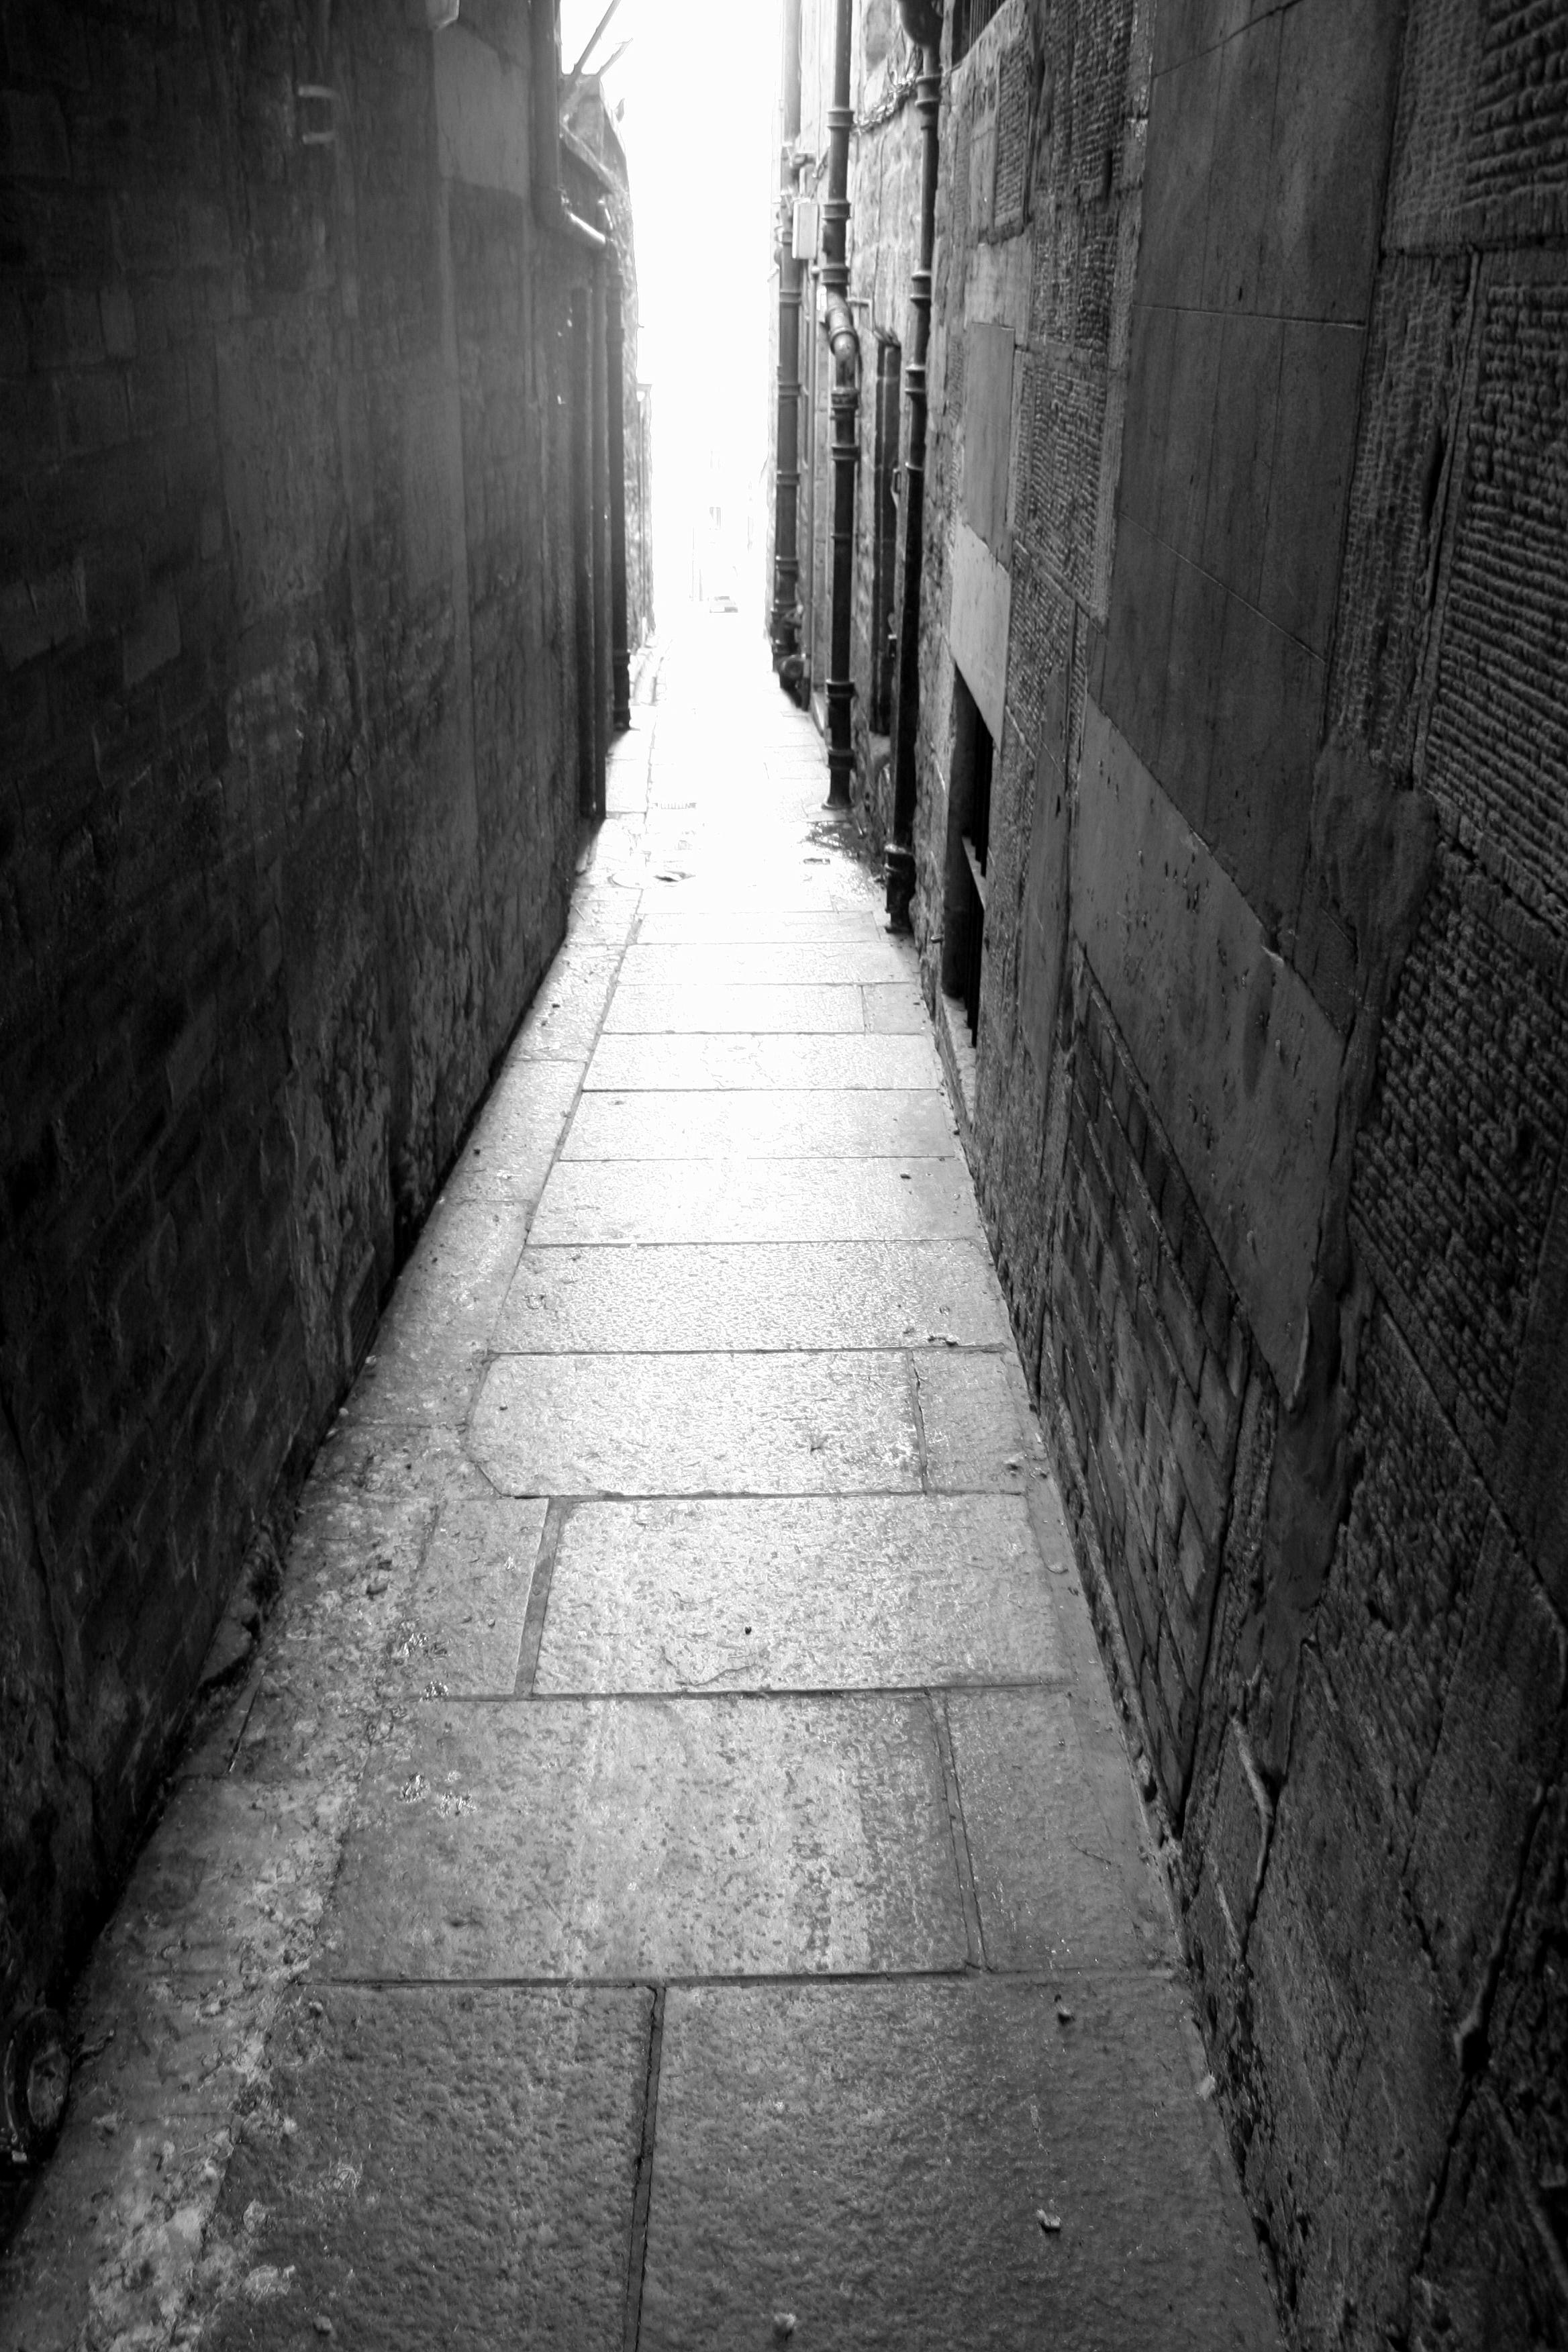 Narrowpath